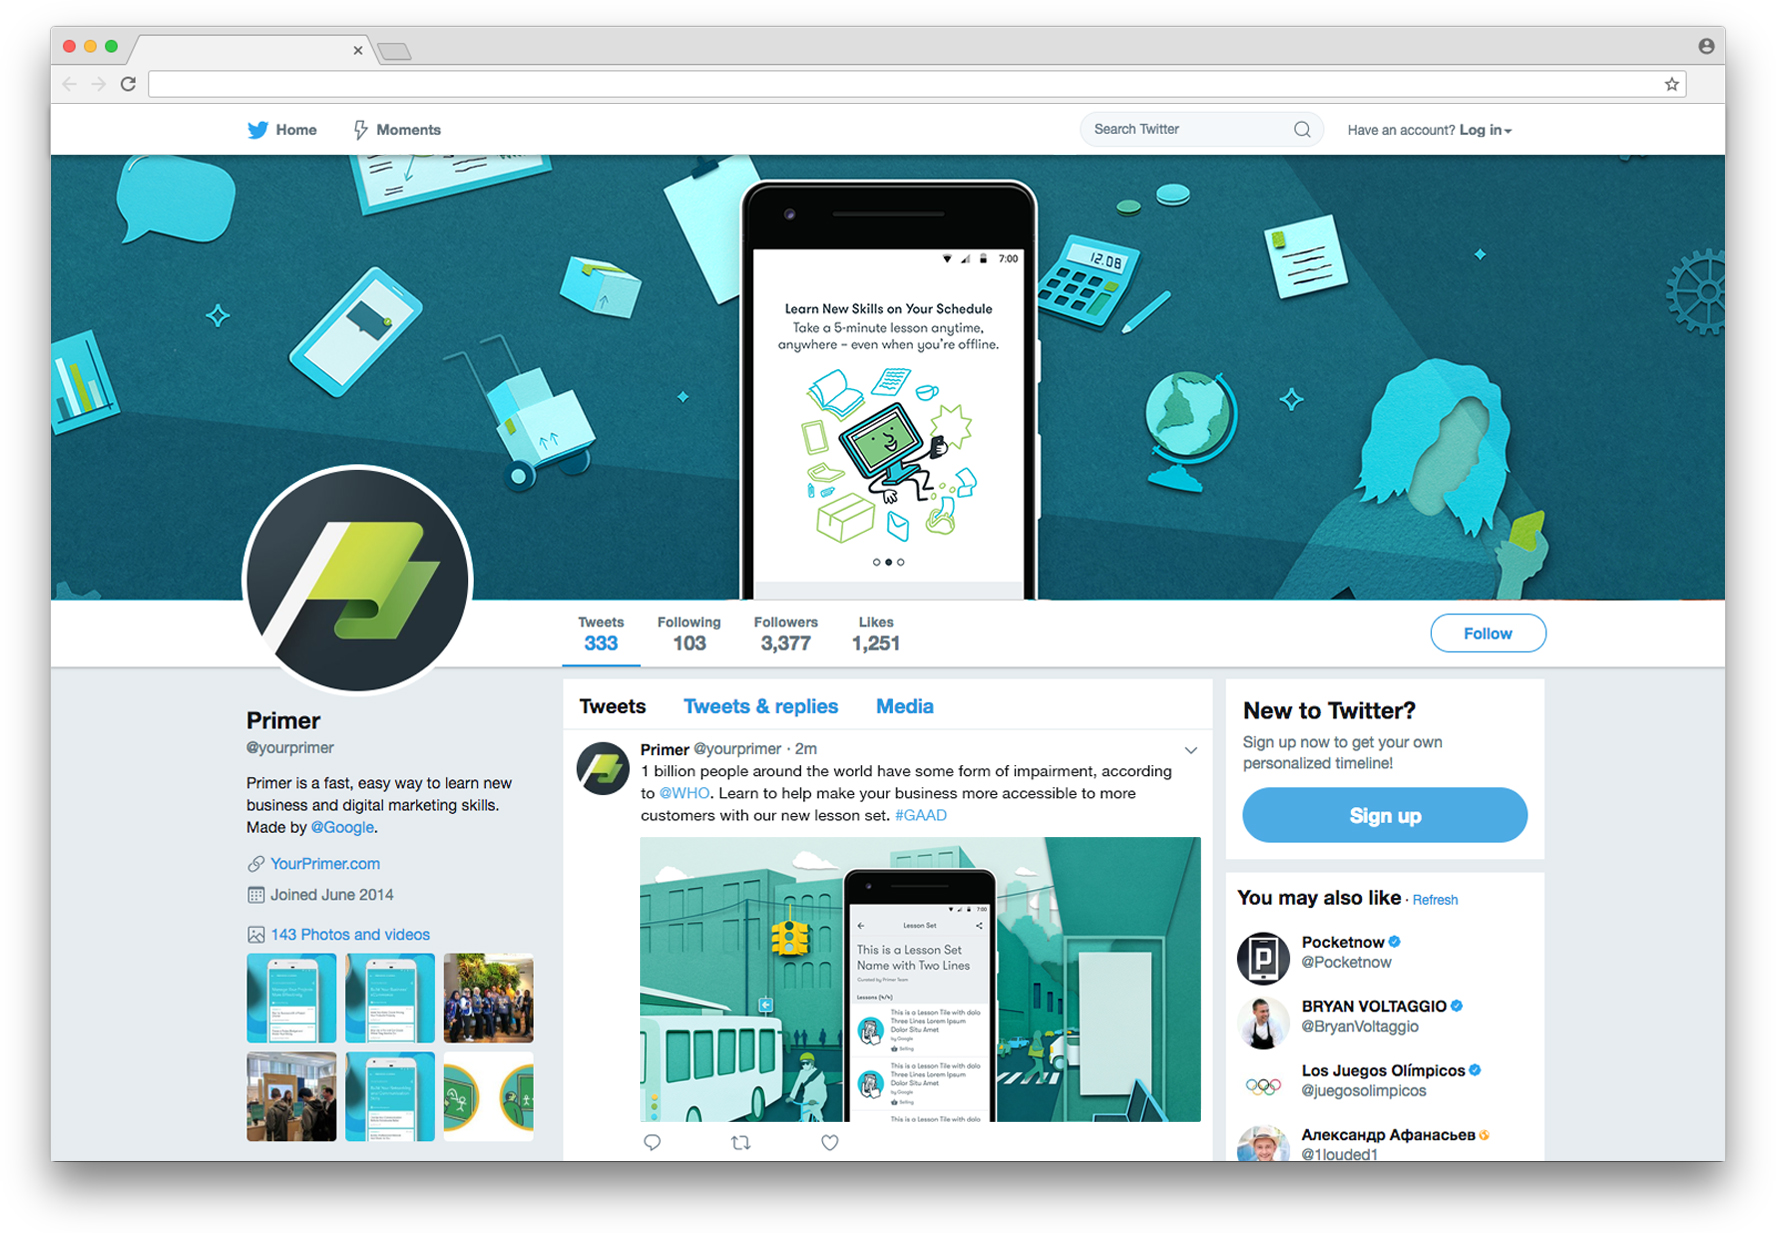 Primer Twitter feed